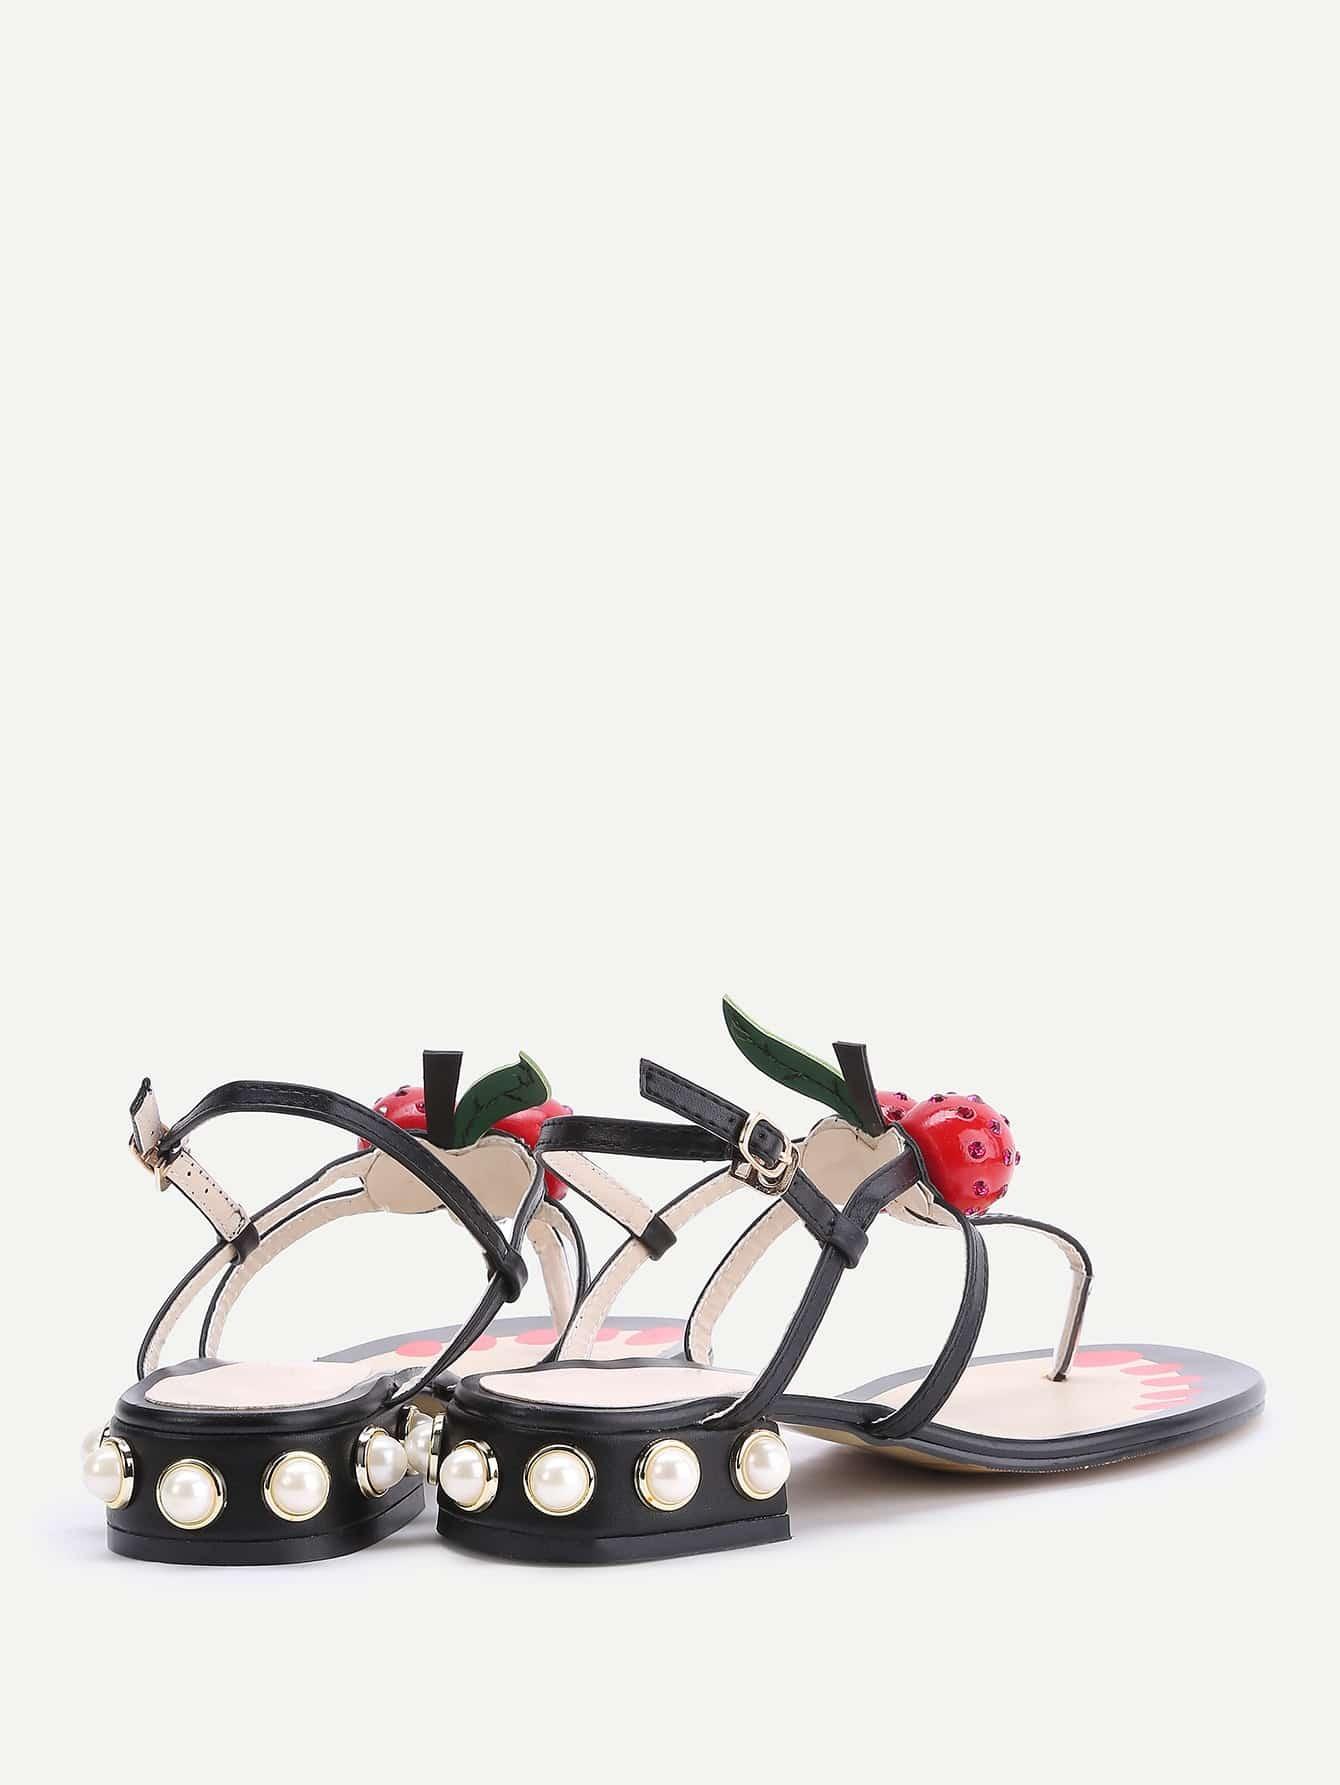 shoes170324809_2